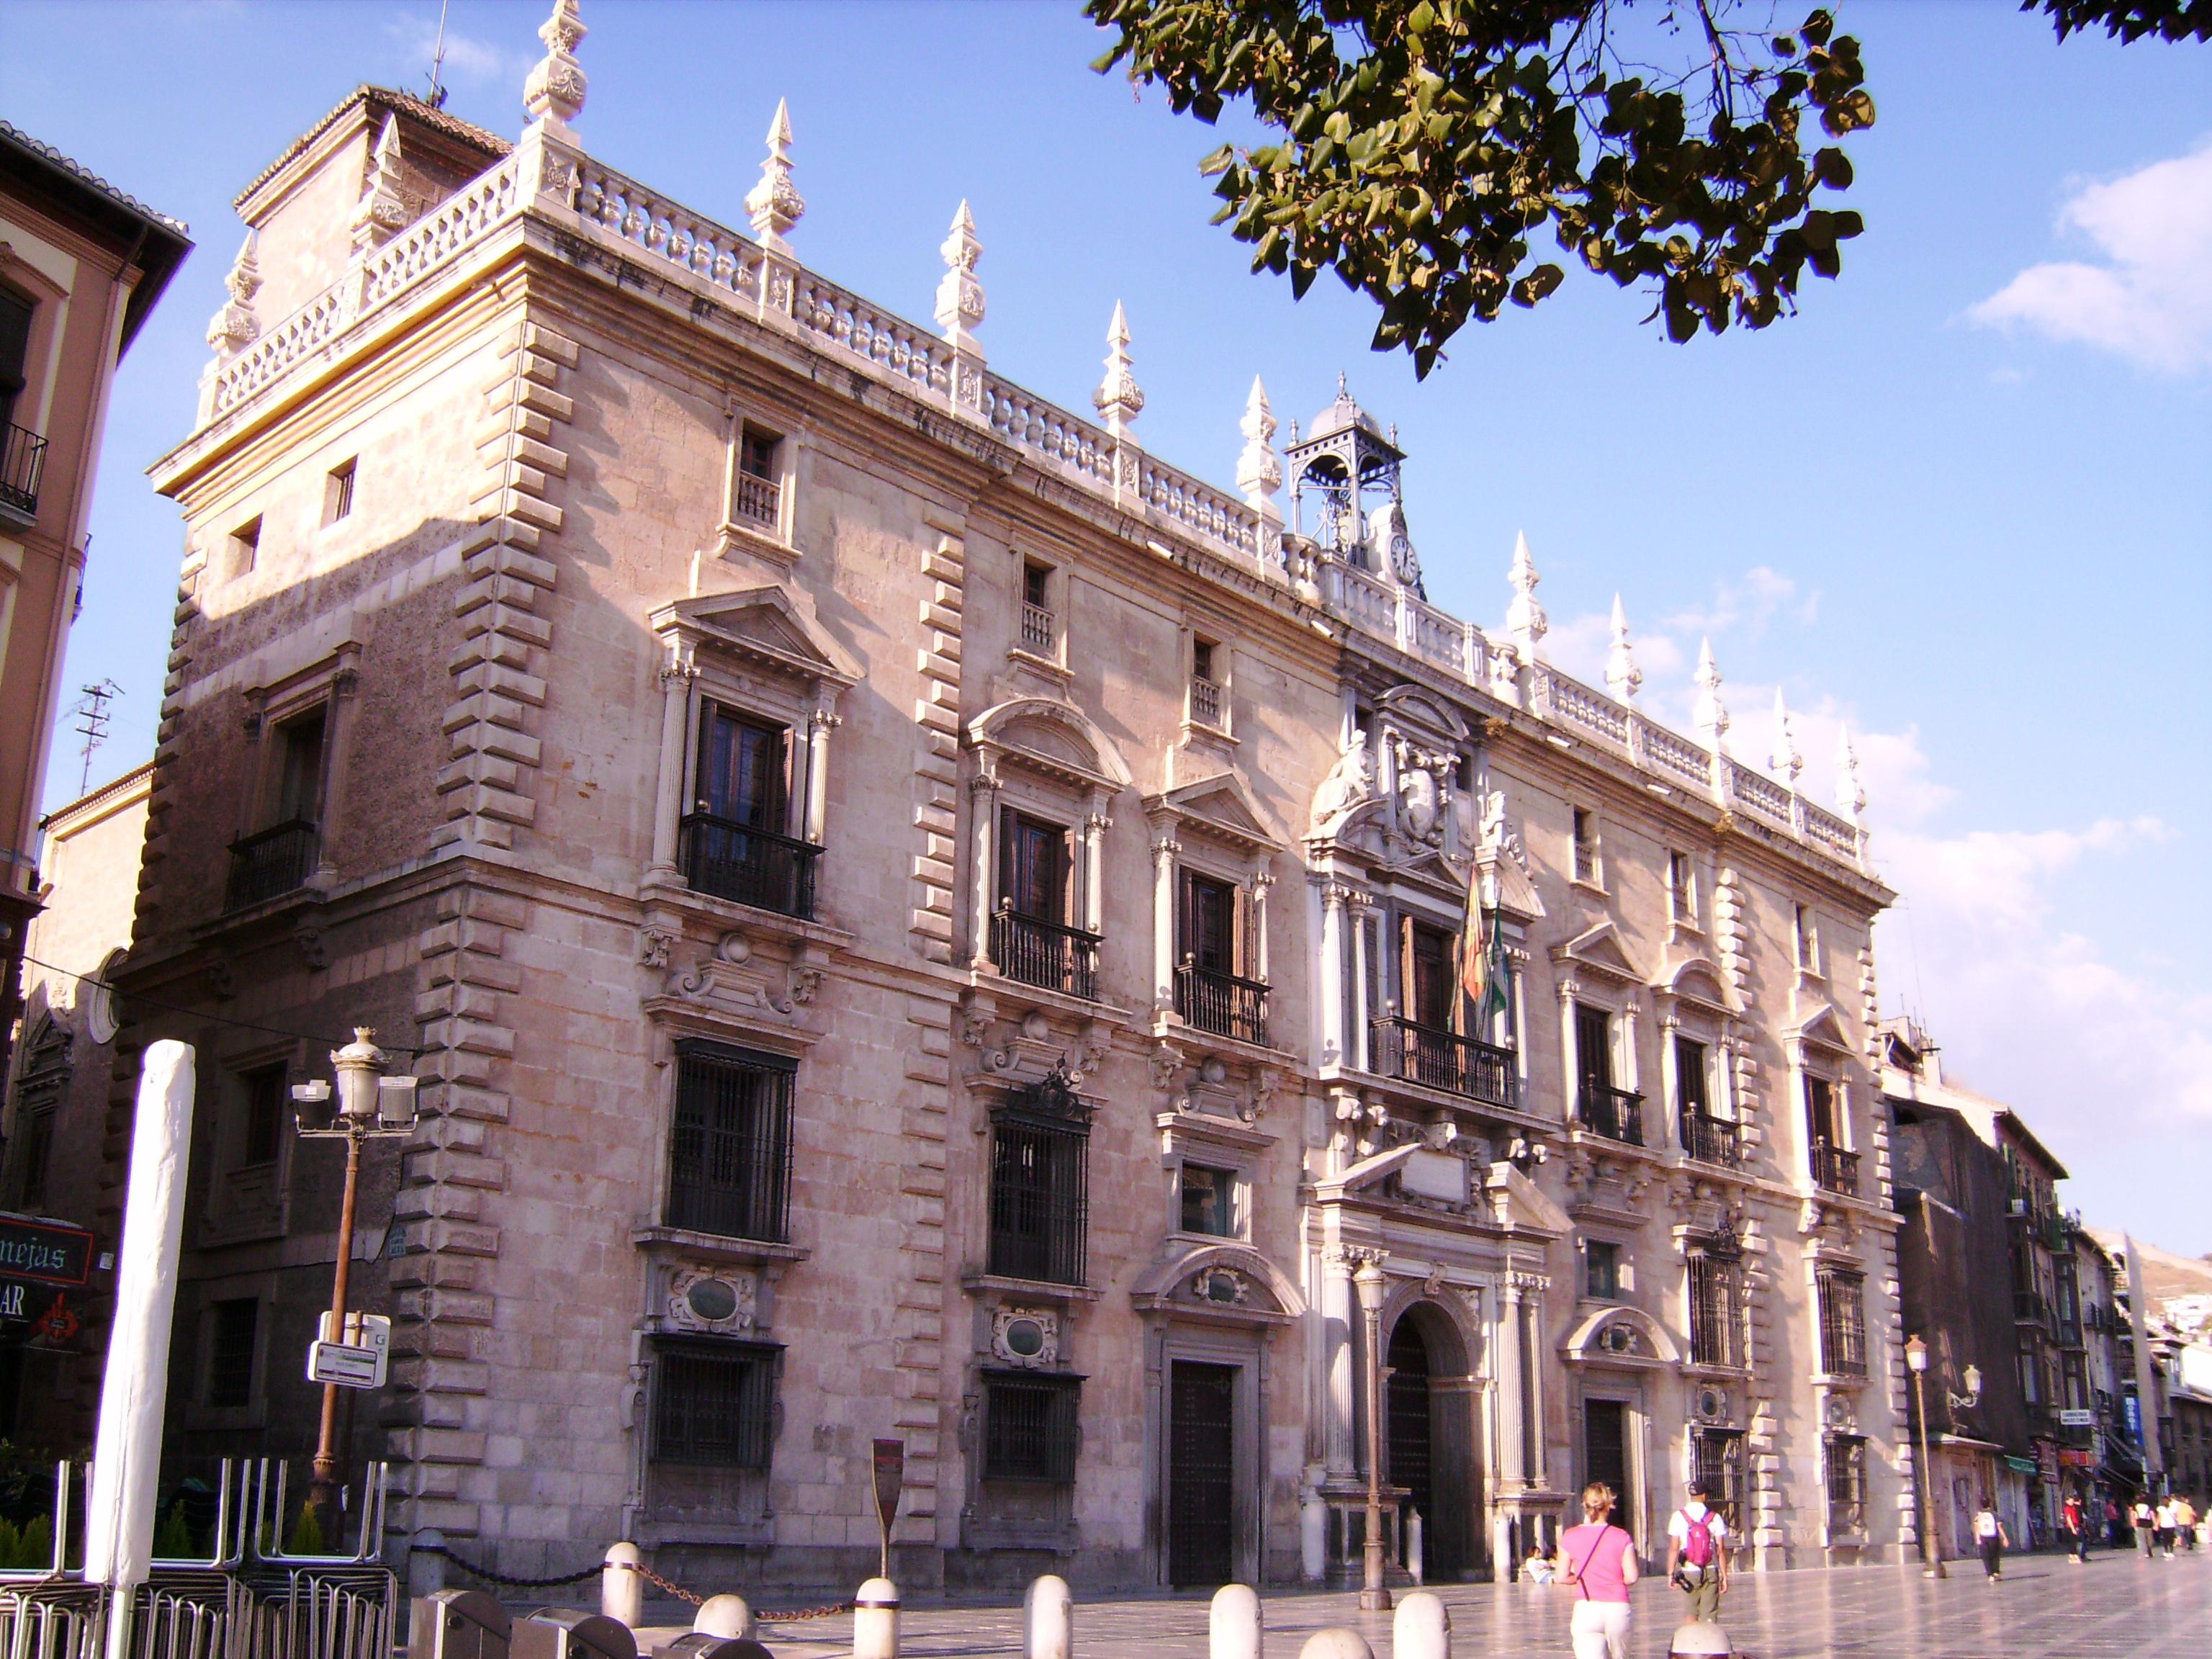 A 16. századtól a város politikai központja, legszebb és legjellegzetesebb épülete a Királyi Kancellária (Real Chancillería), amelyet 1530-ban építettek V. Károly uralkodása alatt.  Ma itt található Granada tartomány legfelső bírósága.